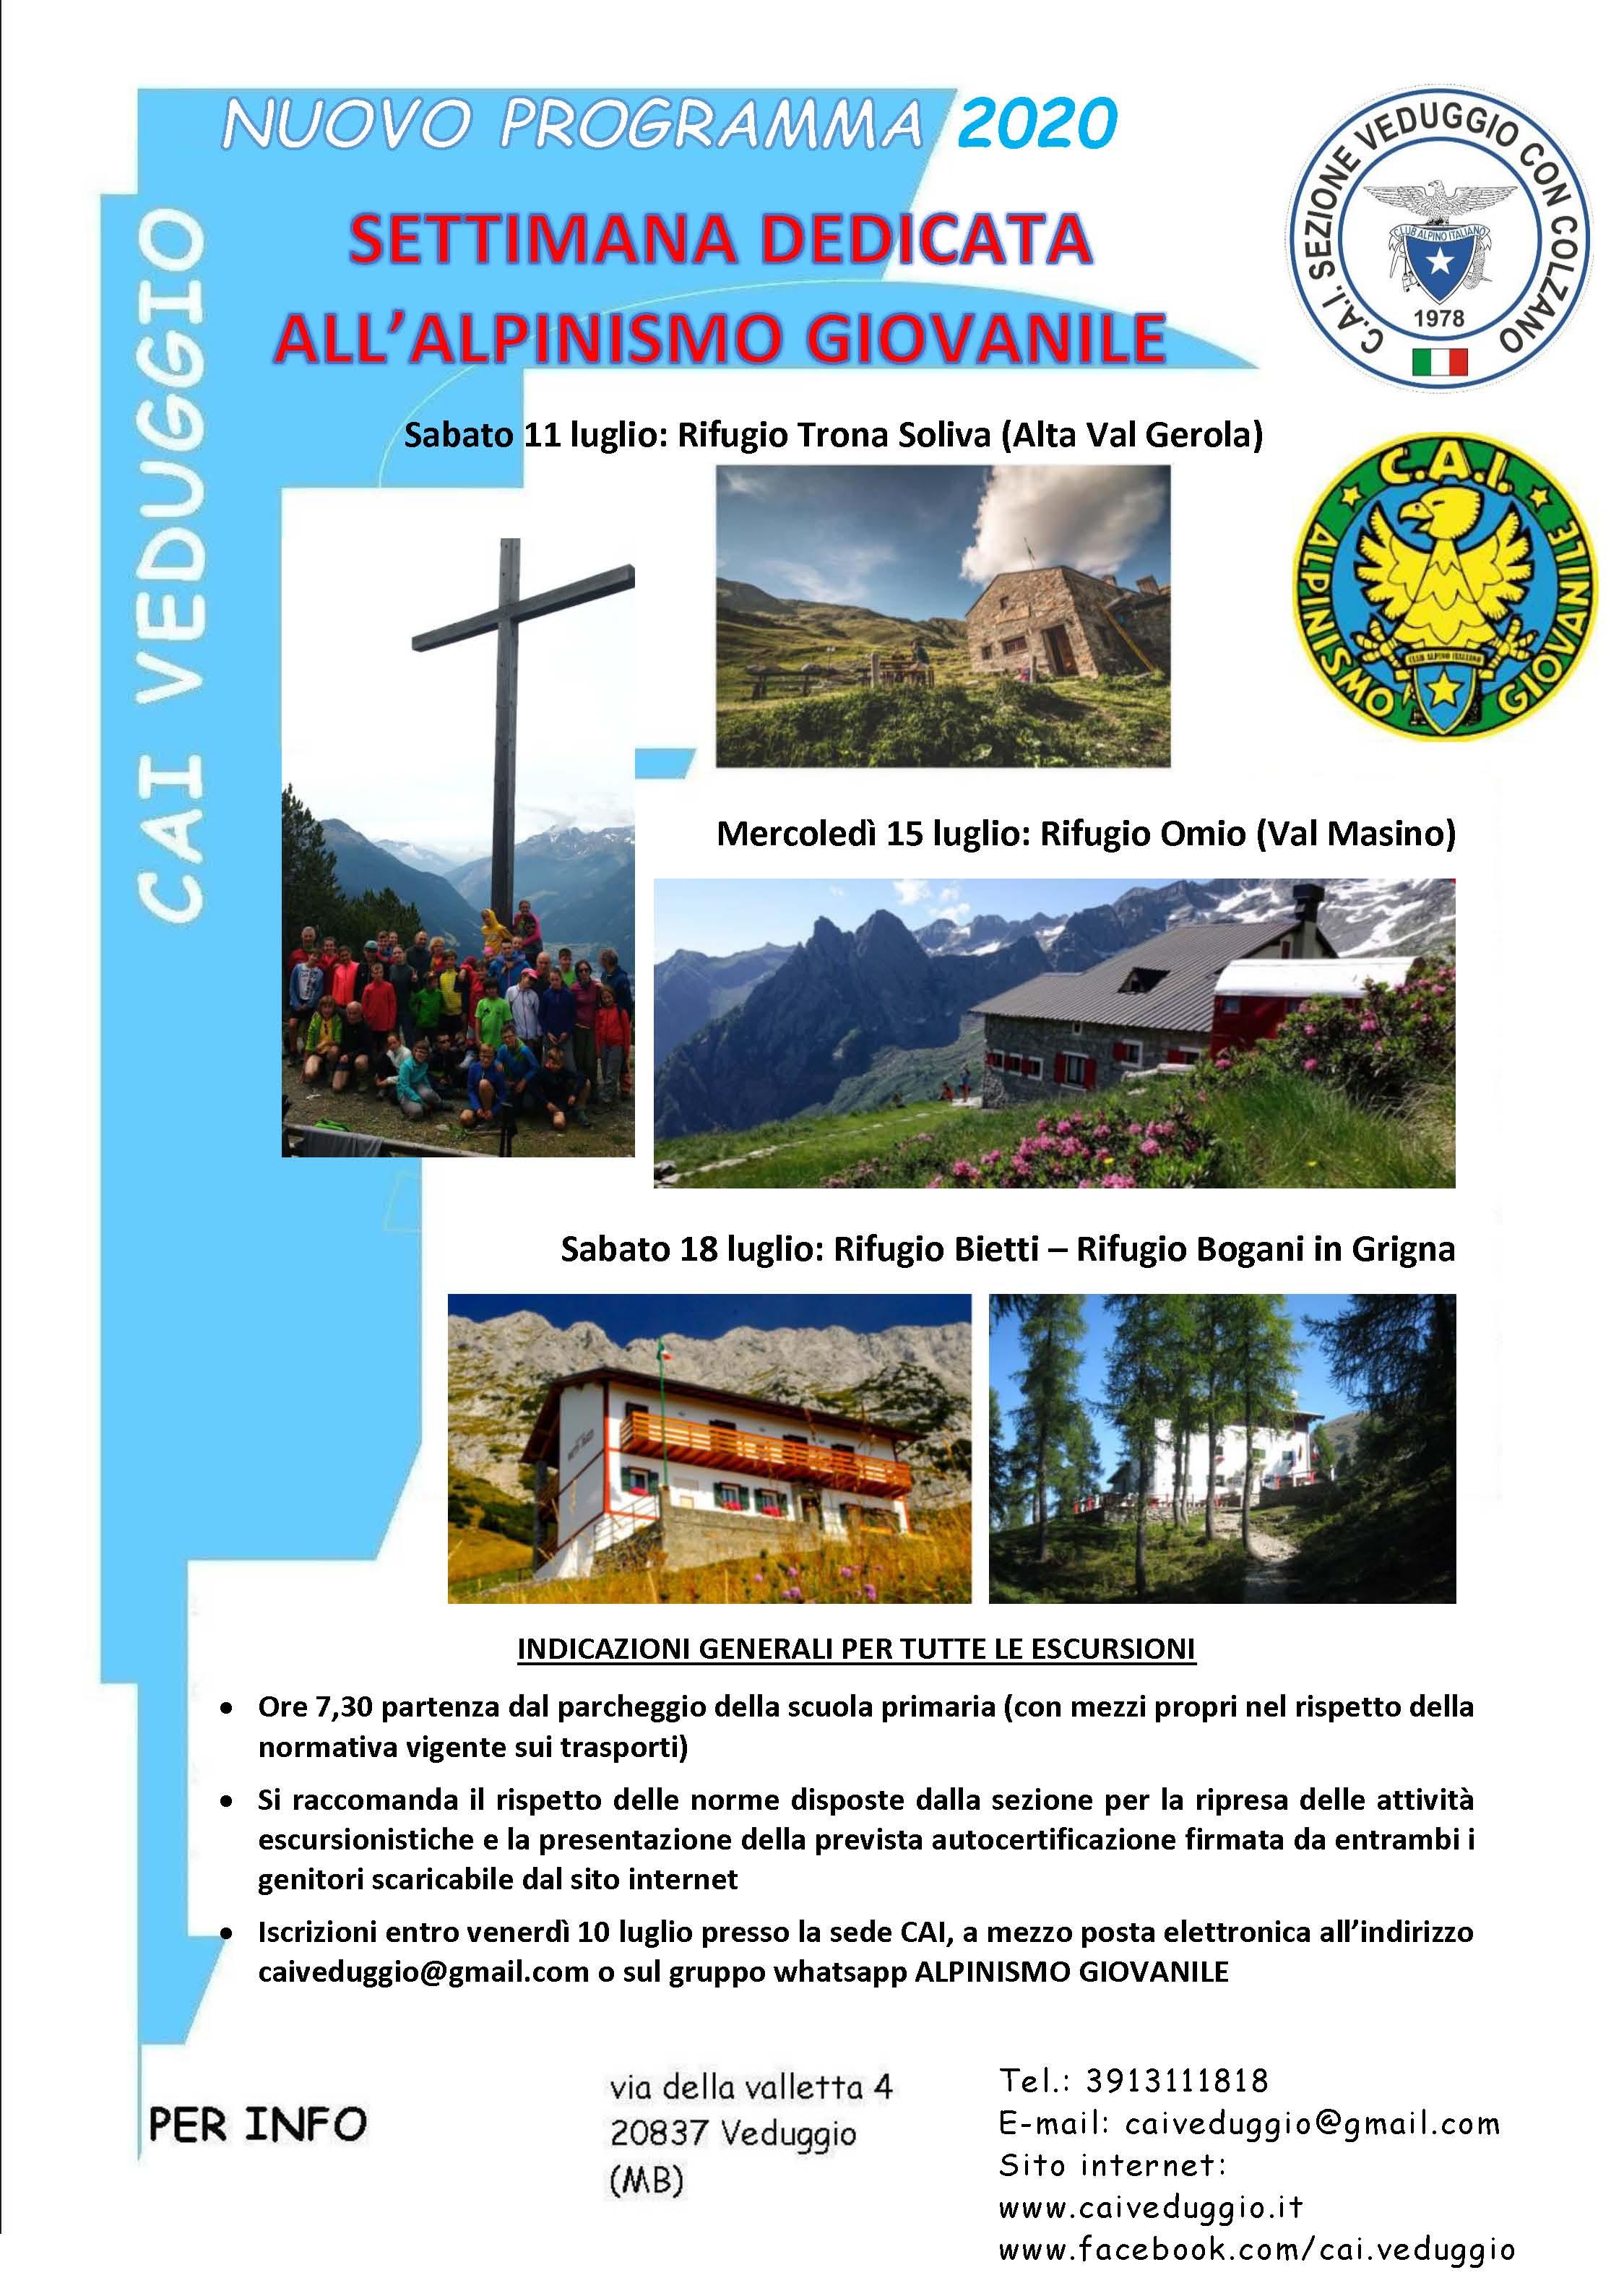 Sttimana dedicata all'Alpinismo Giovanile